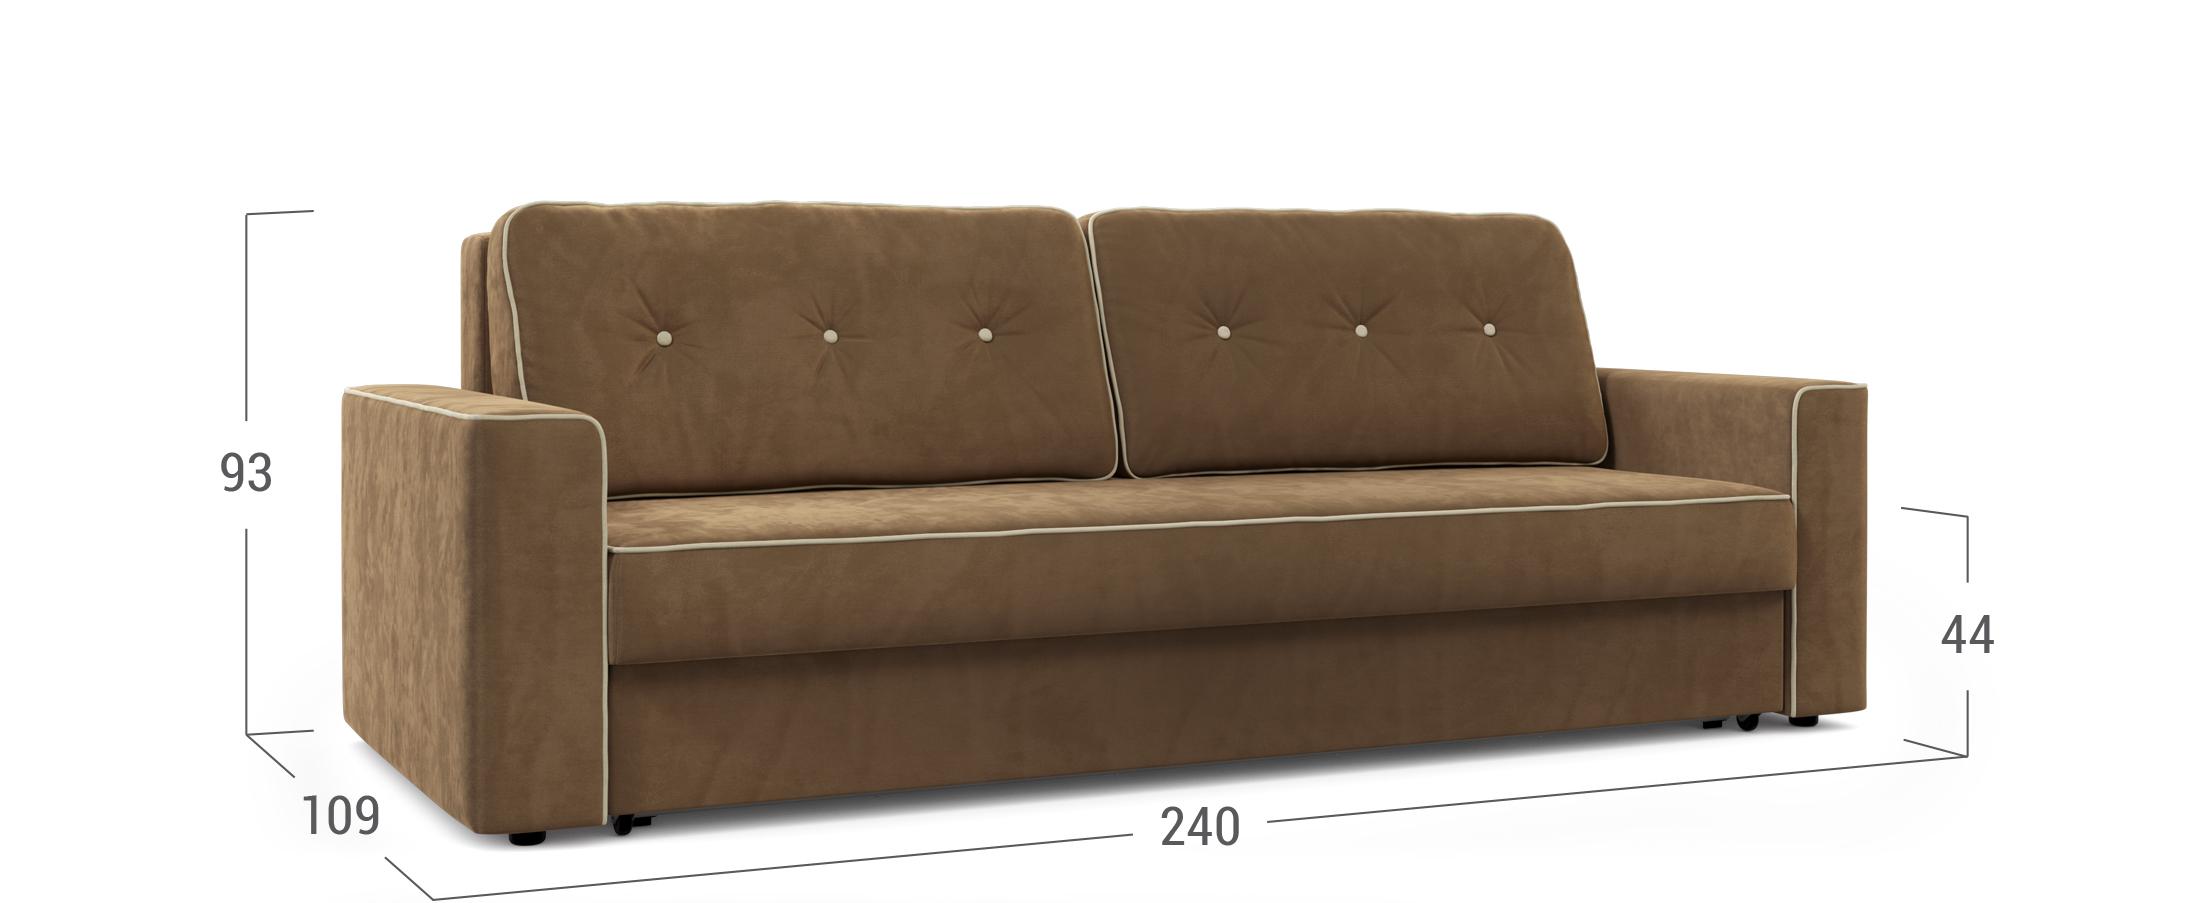 Диван прямой еврокнижка коричневый Менли 122